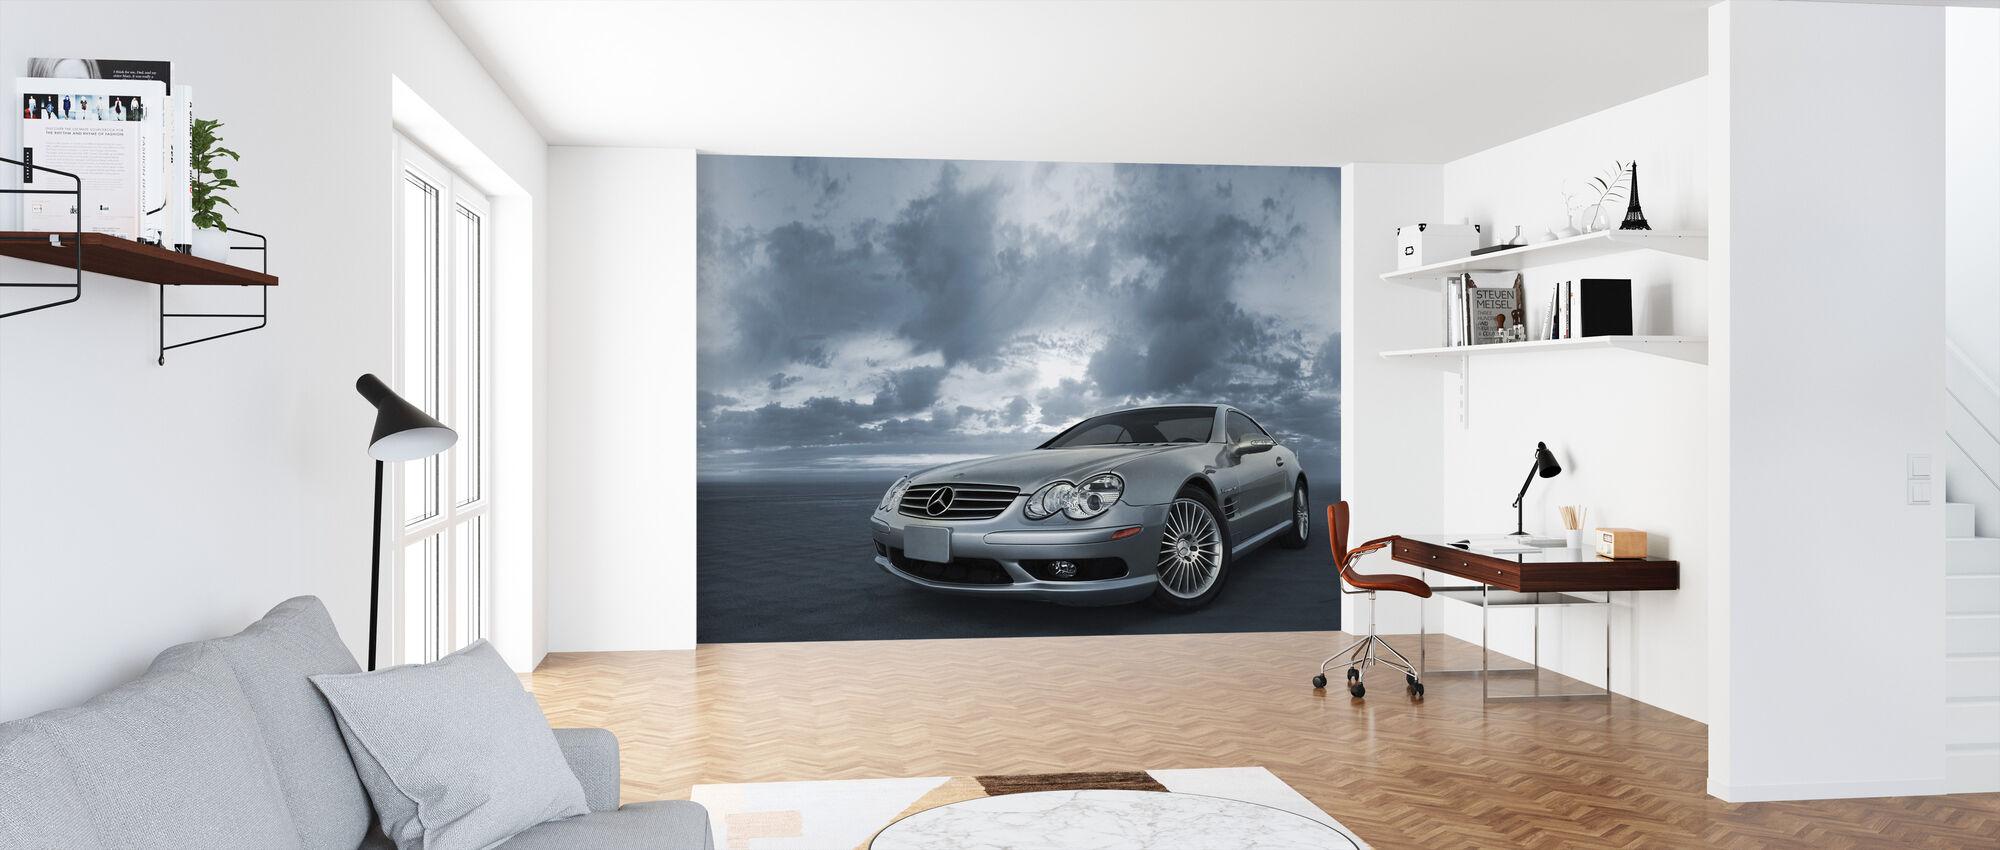 Mercedes-Benz SL55 - Wallpaper - Office